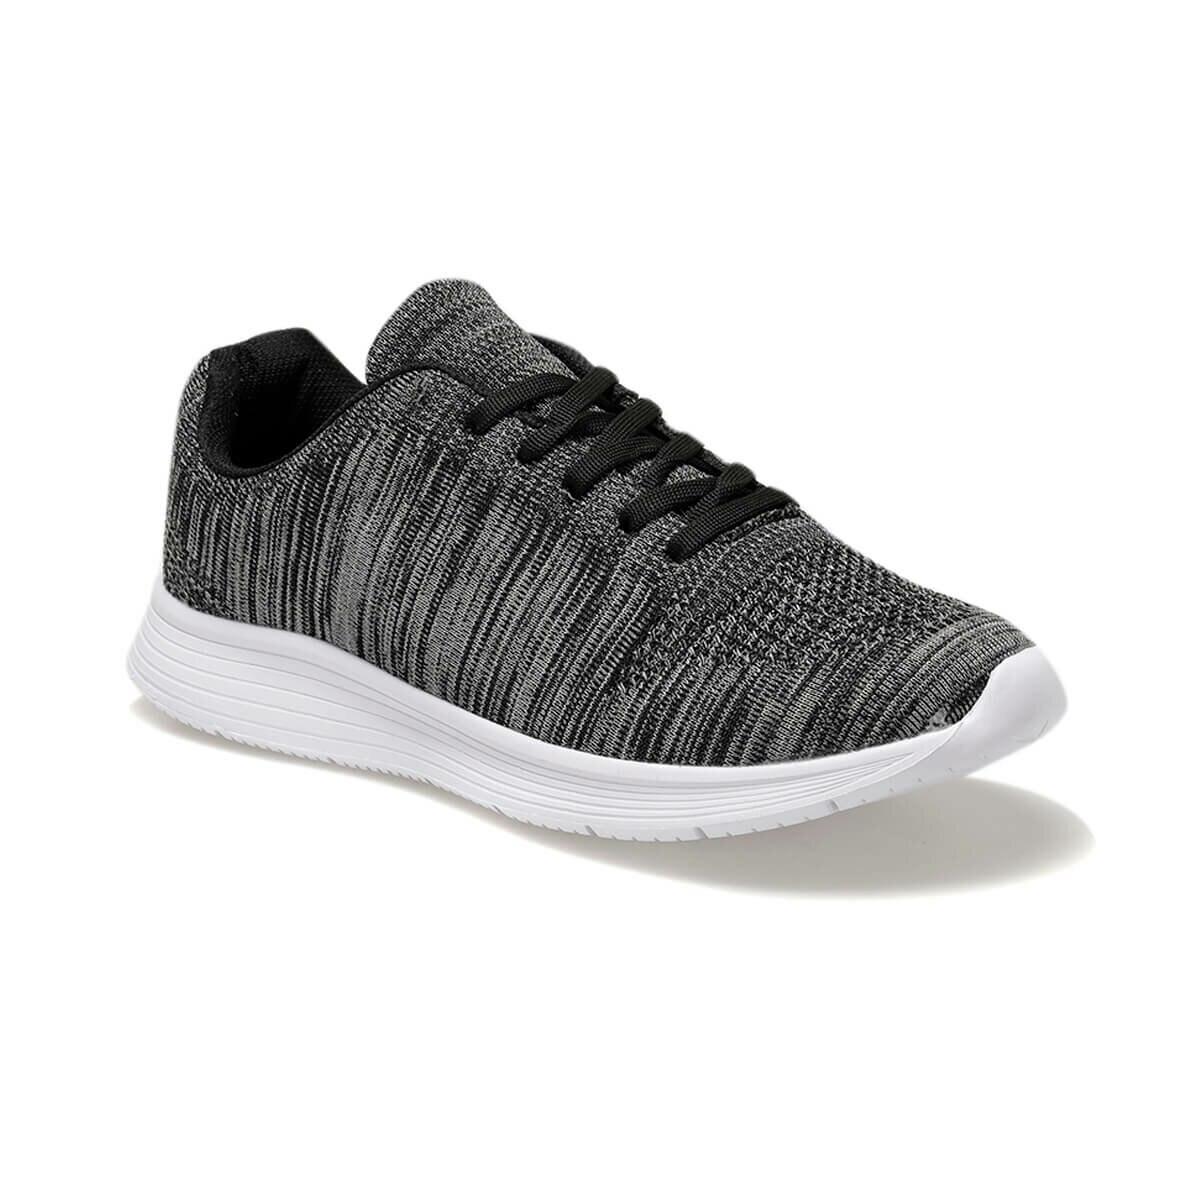 FLO BENOR Gray Men 'S Sneaker Shoes Torex